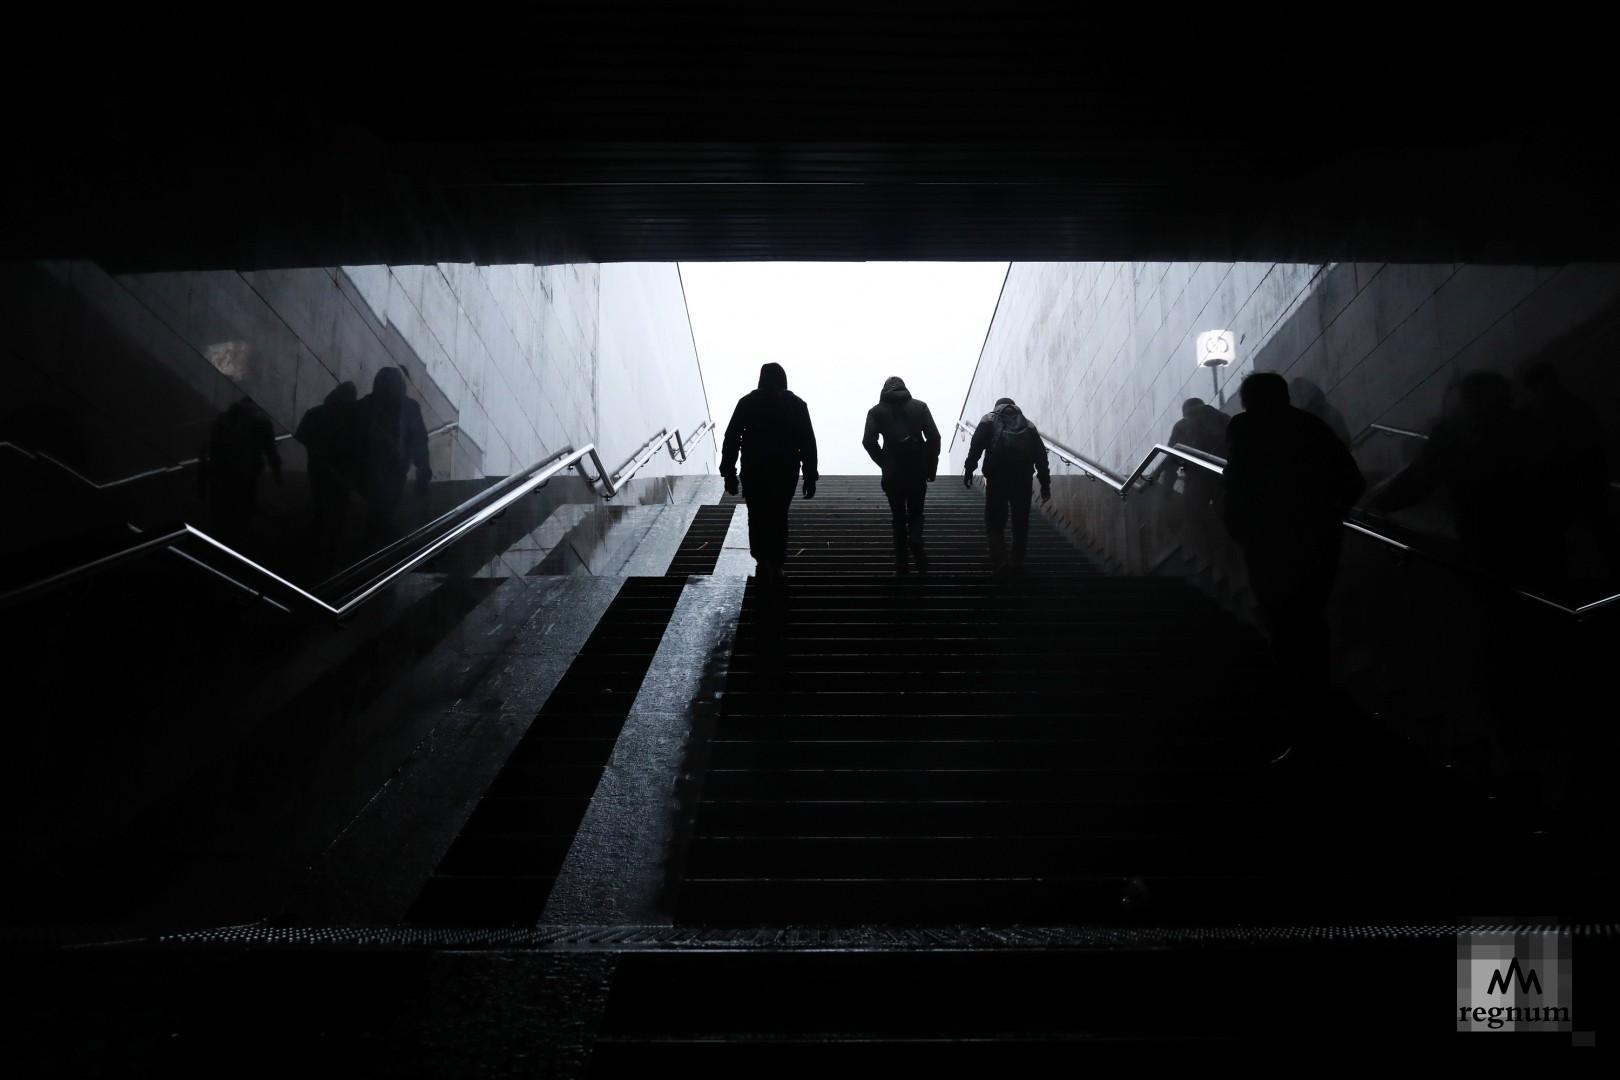 Строительство метро в москве до 2030 схема официальный сайт